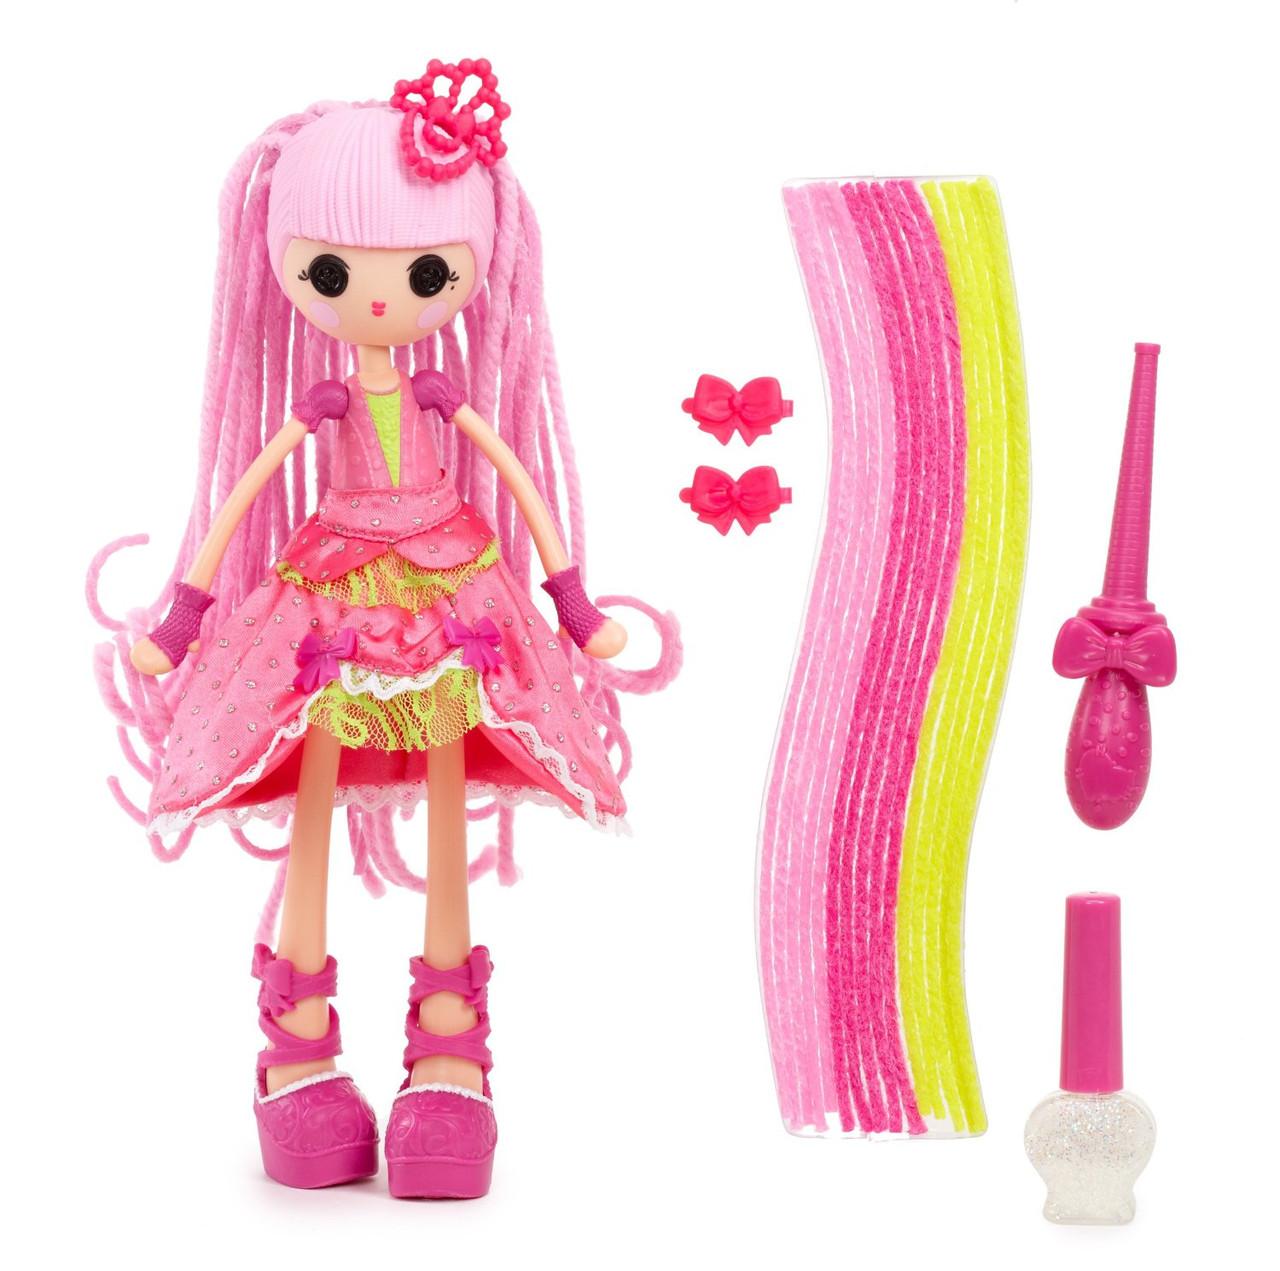 Lalaloopsy Кукла Лалалупси Принцесса 25 см - Разноцветные пряди